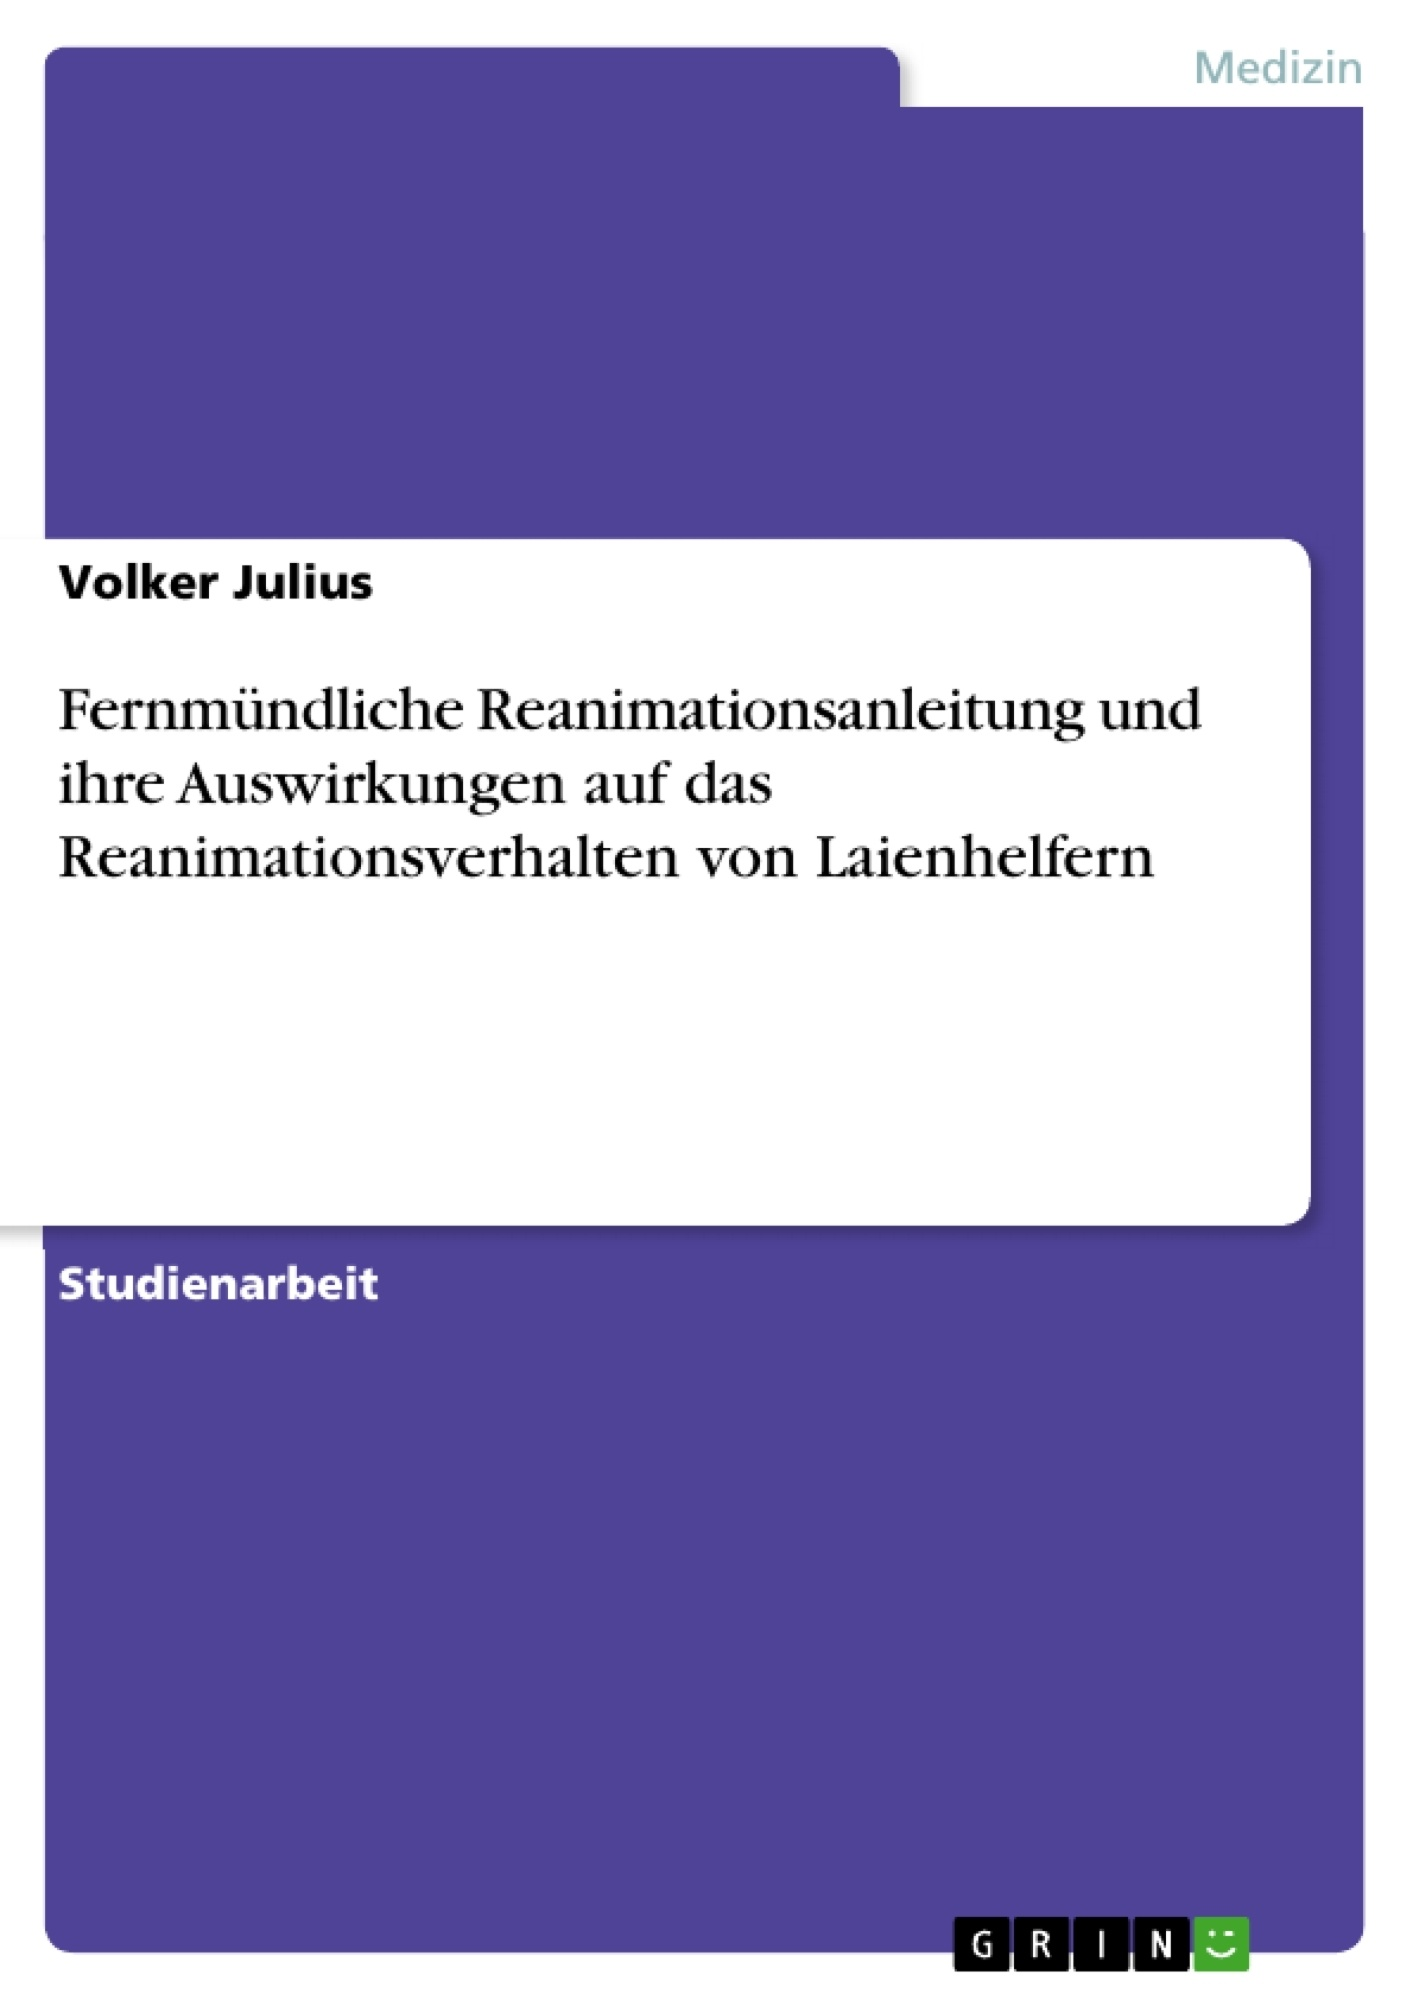 Titel: Fernmündliche Reanimationsanleitung und ihre Auswirkungen auf das Reanimationsverhalten  von Laienhelfern